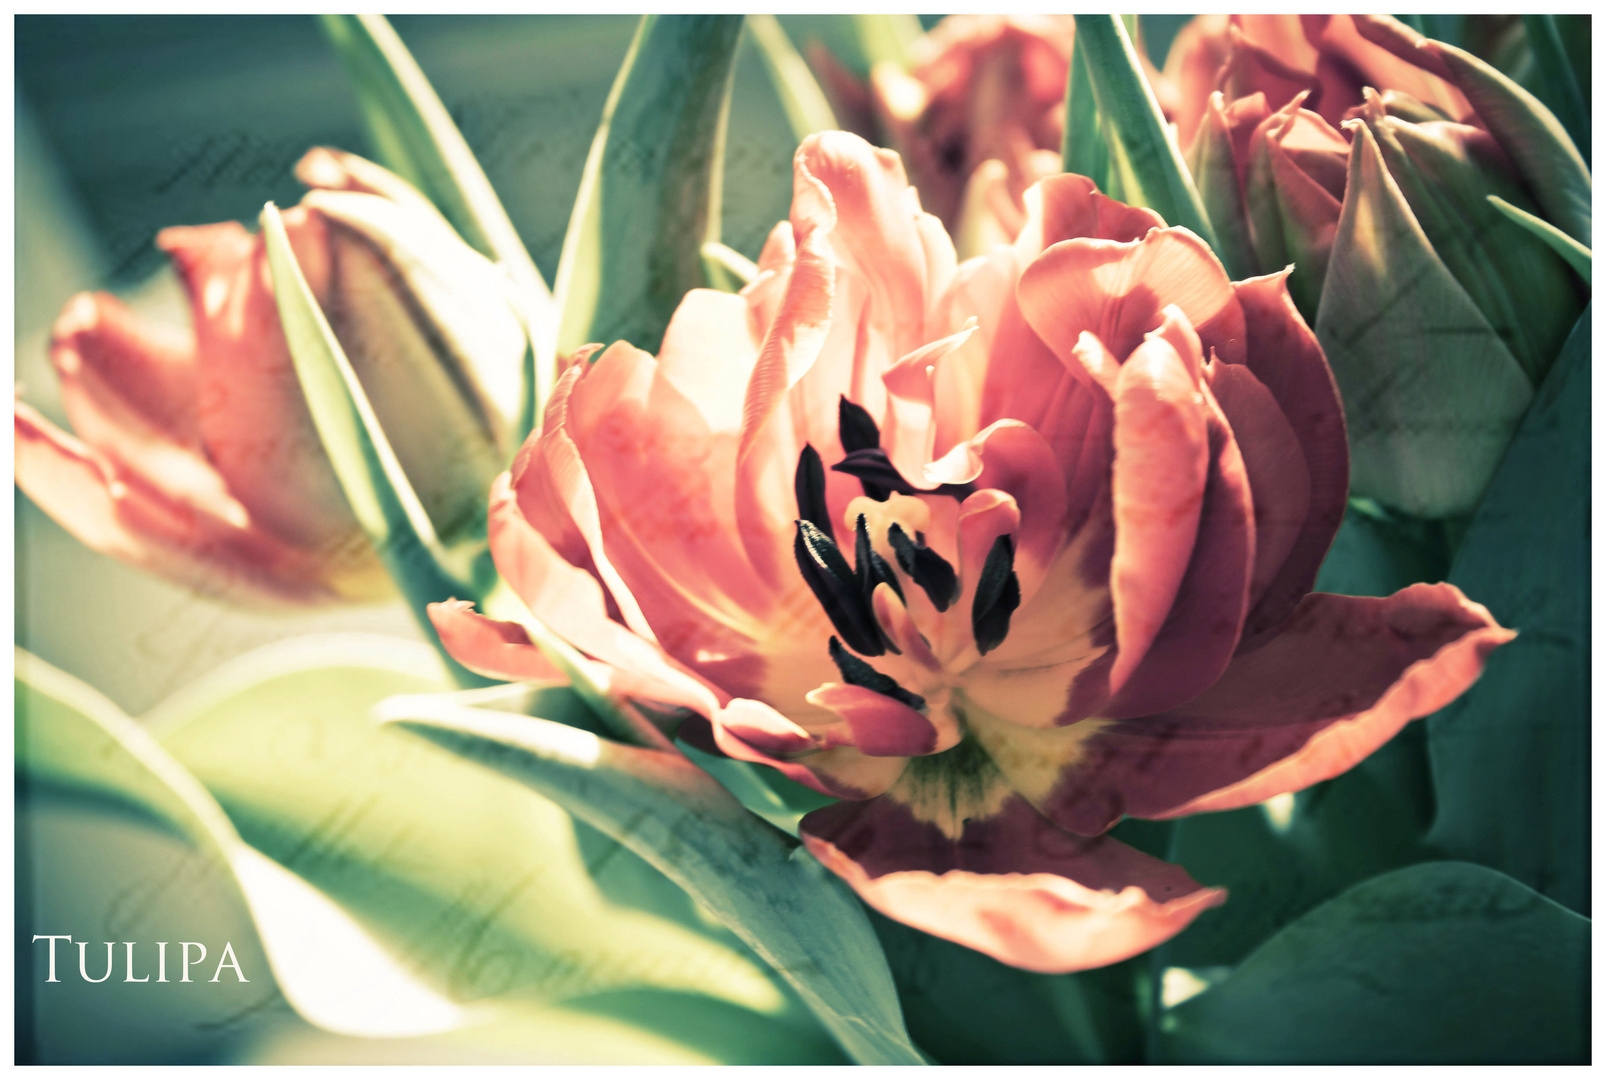 Tulipa...